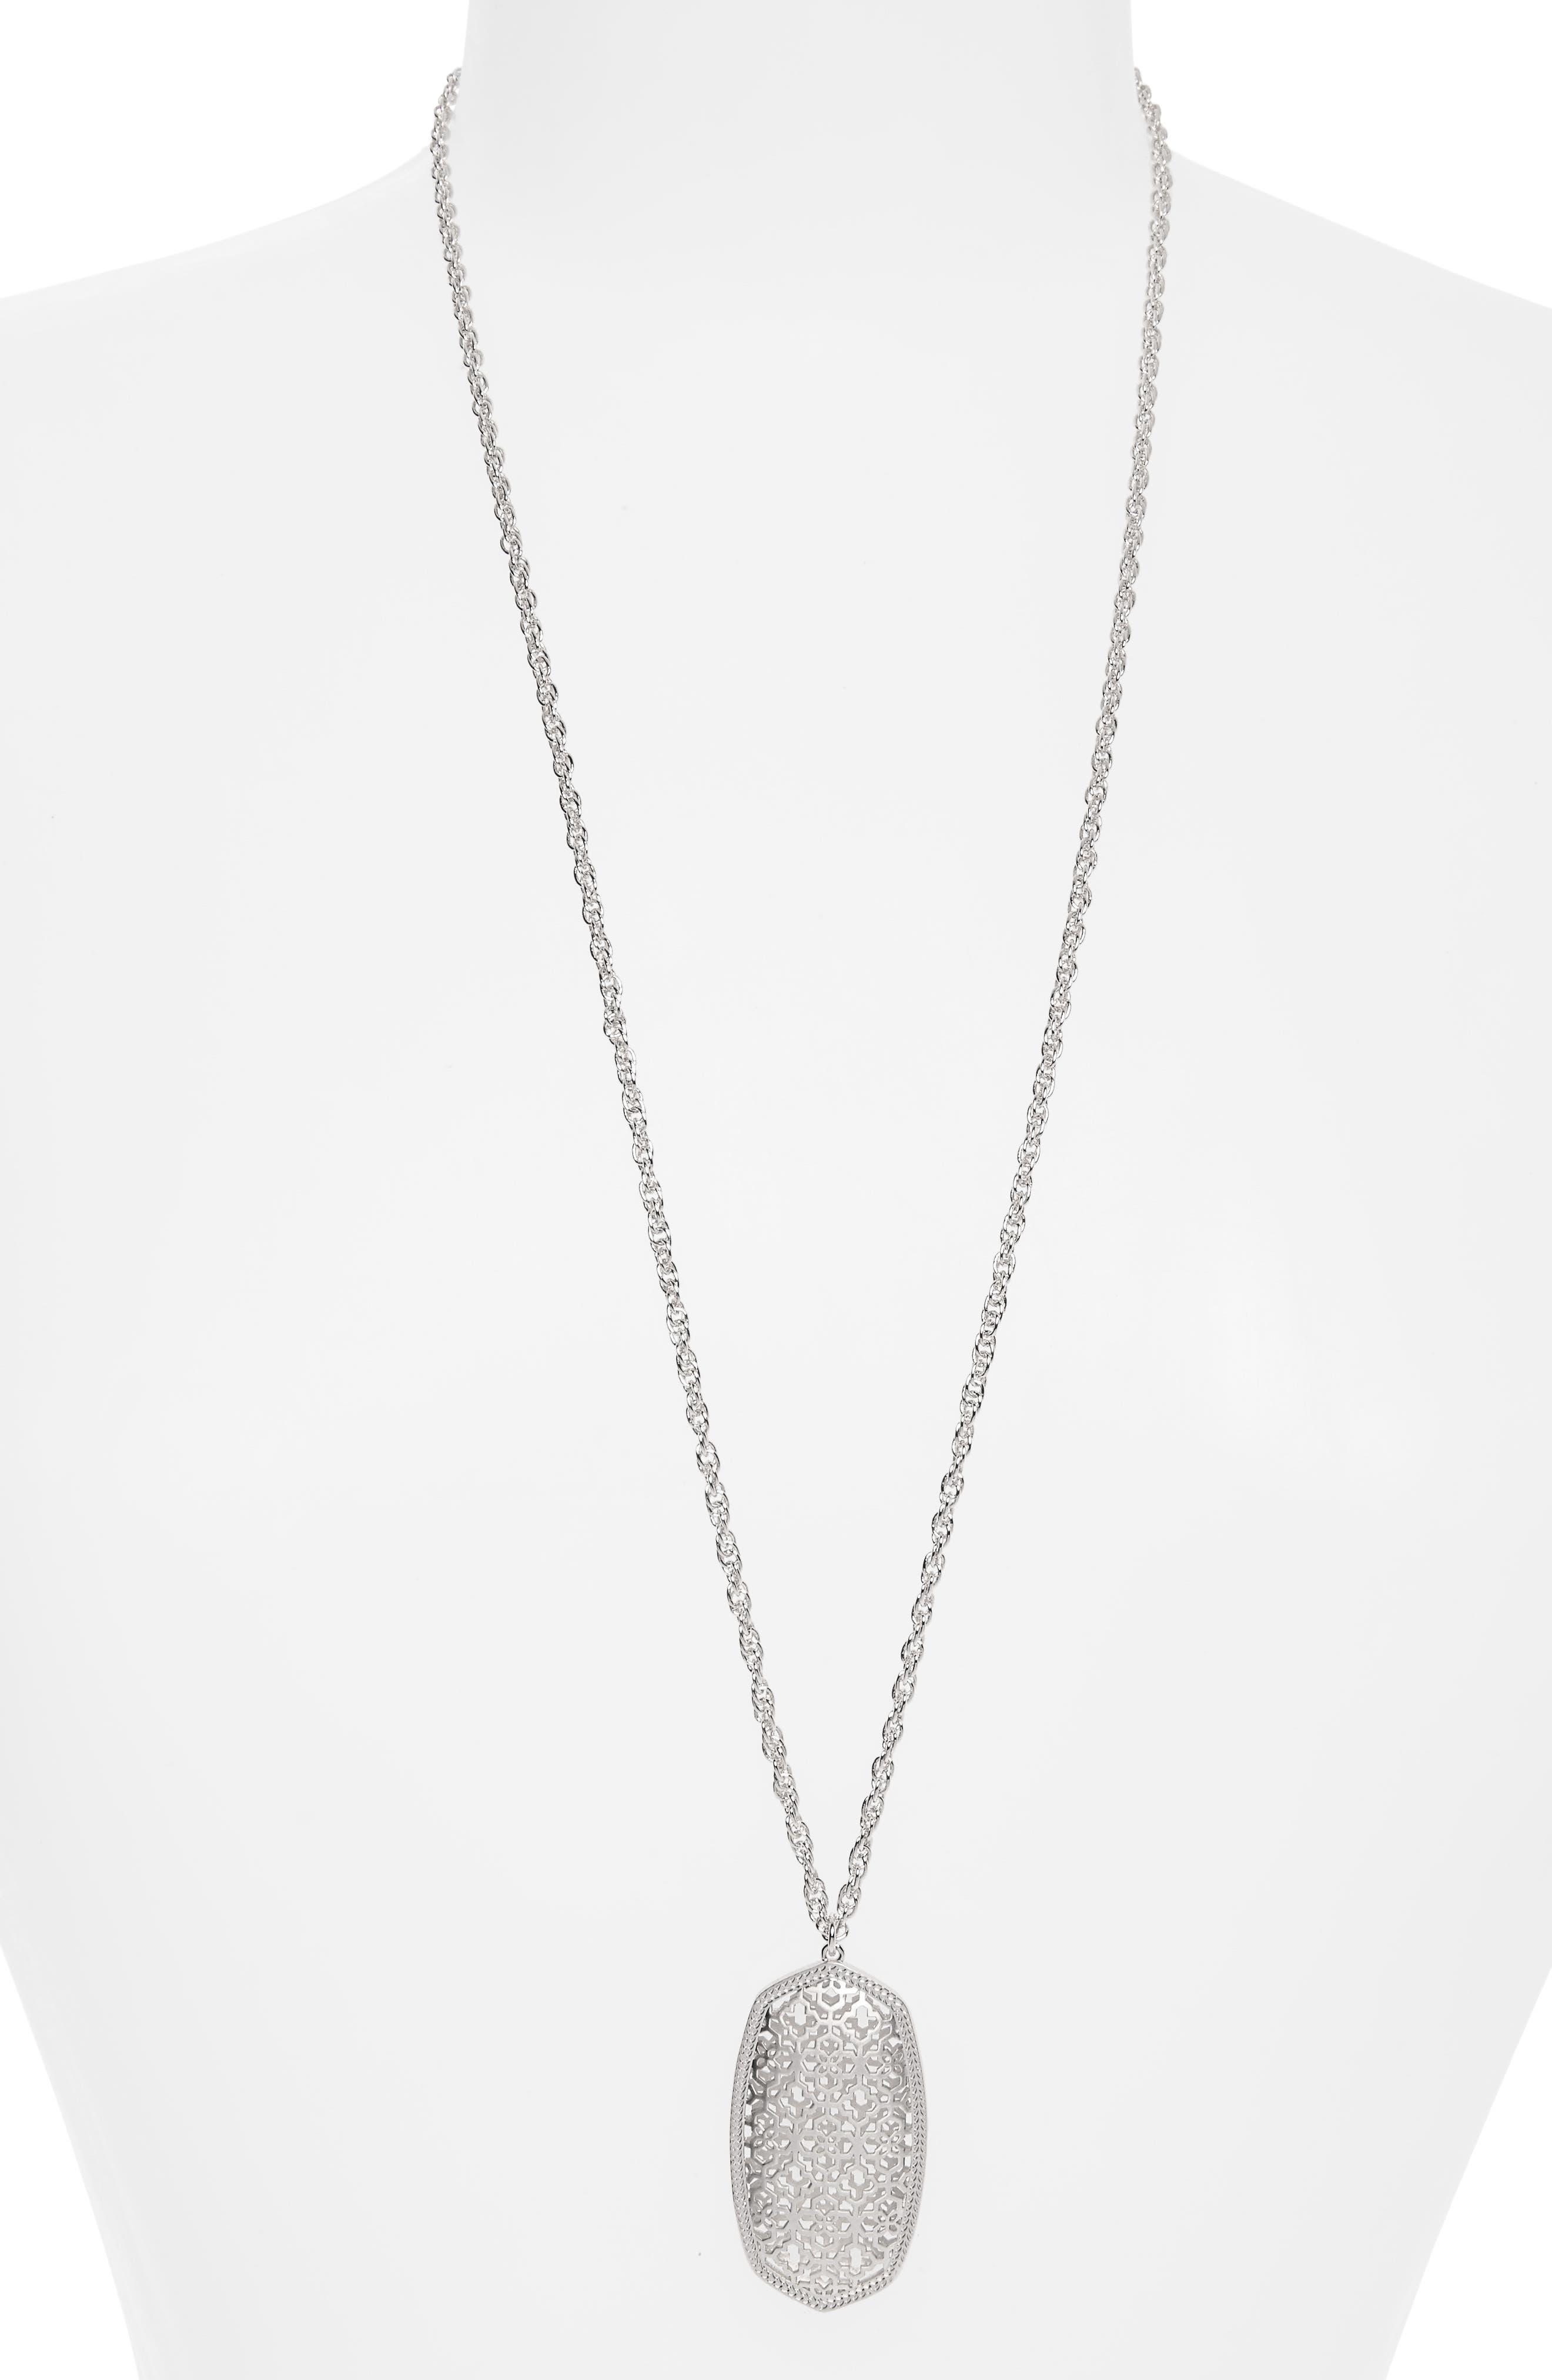 KENDRA SCOTT, Rae Long Filigree Pendant Necklace, Main thumbnail 1, color, SILVER FILIGREE